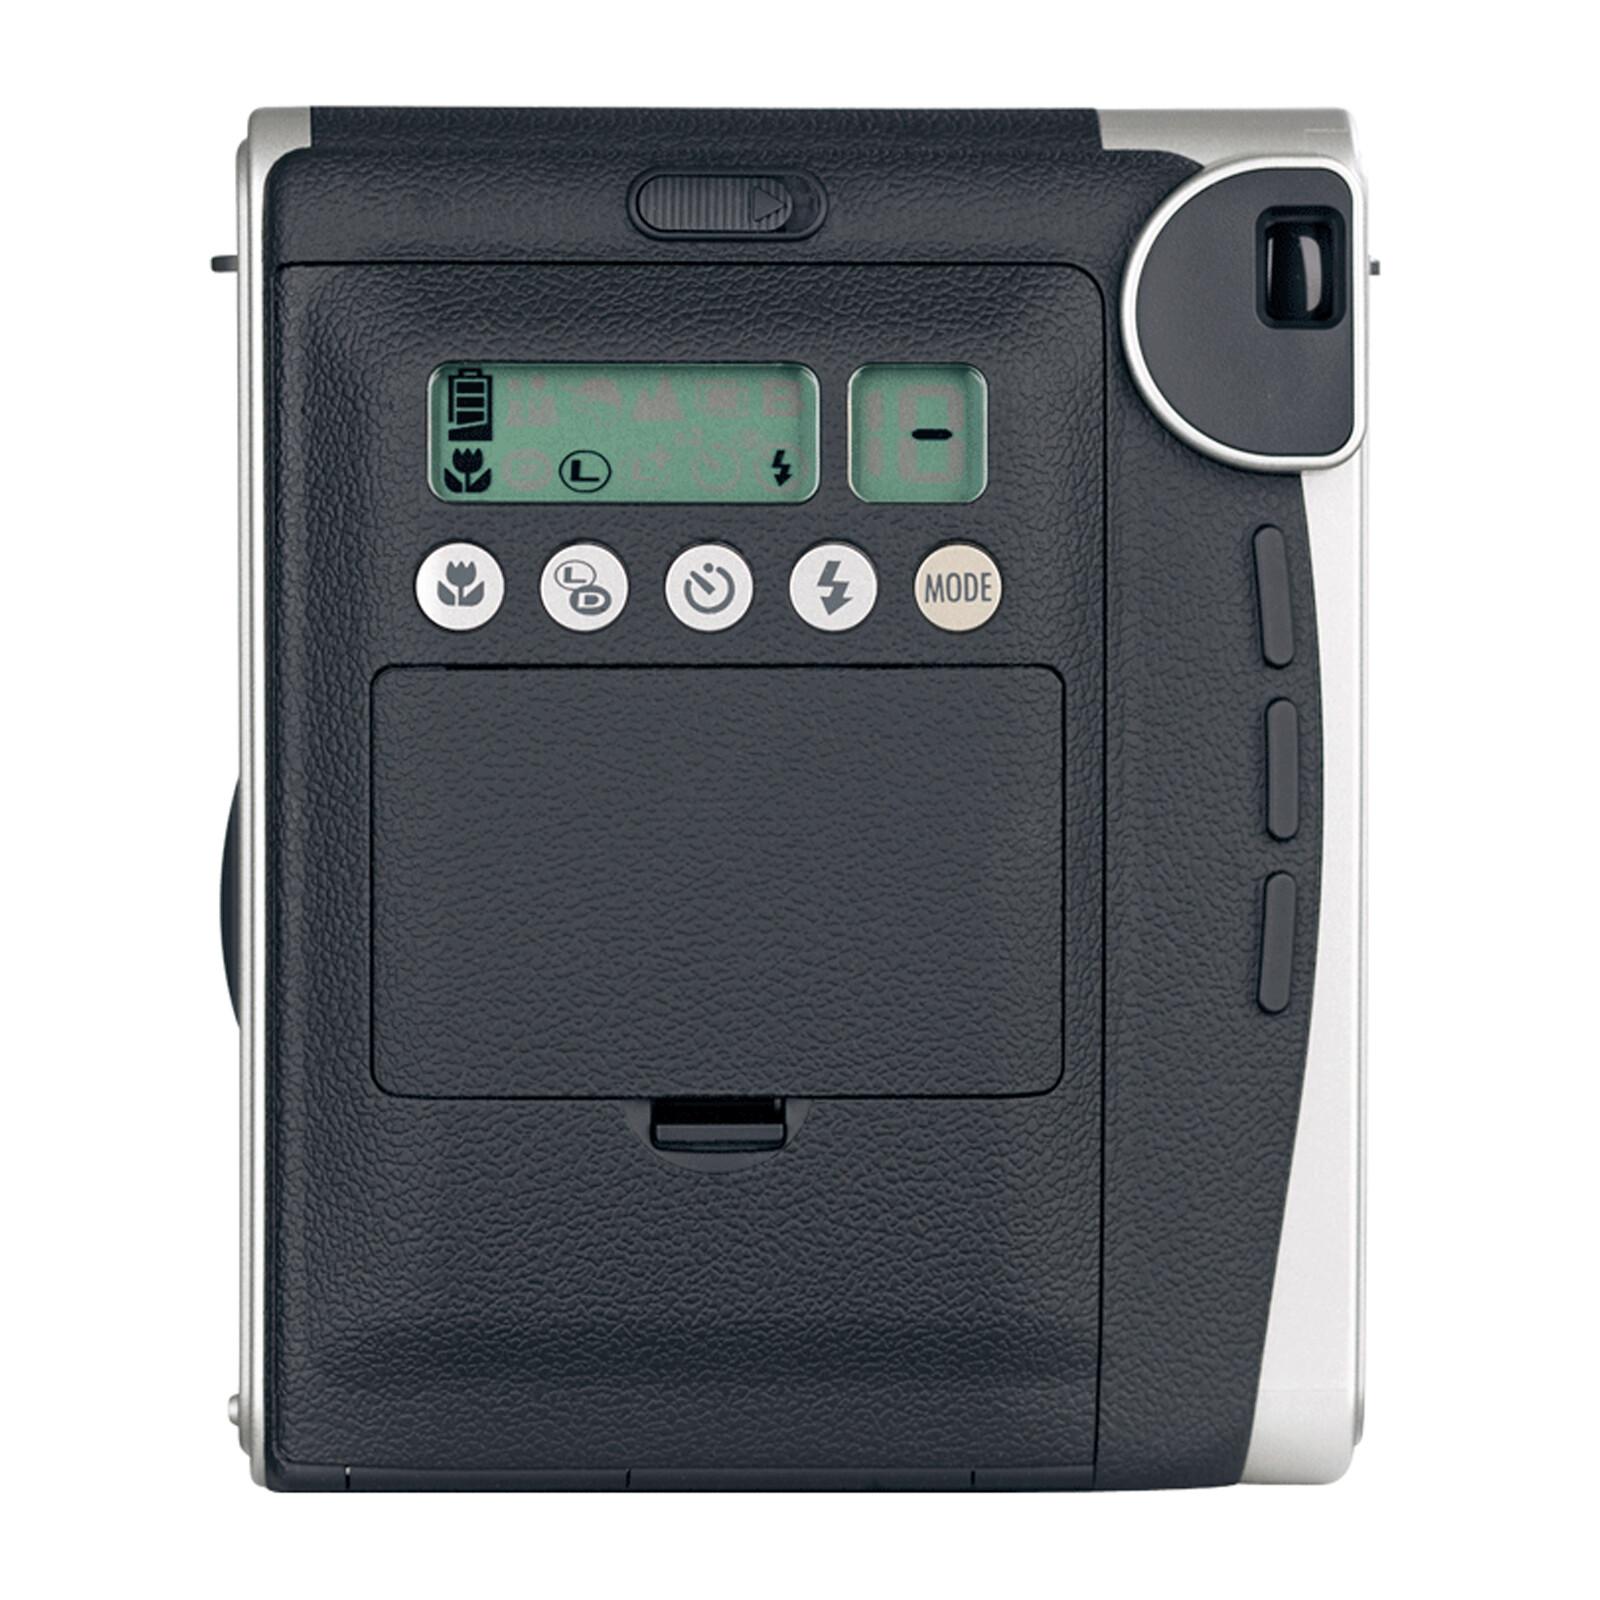 Fujifilm Instax Mini Neo 90 Classic schwarz